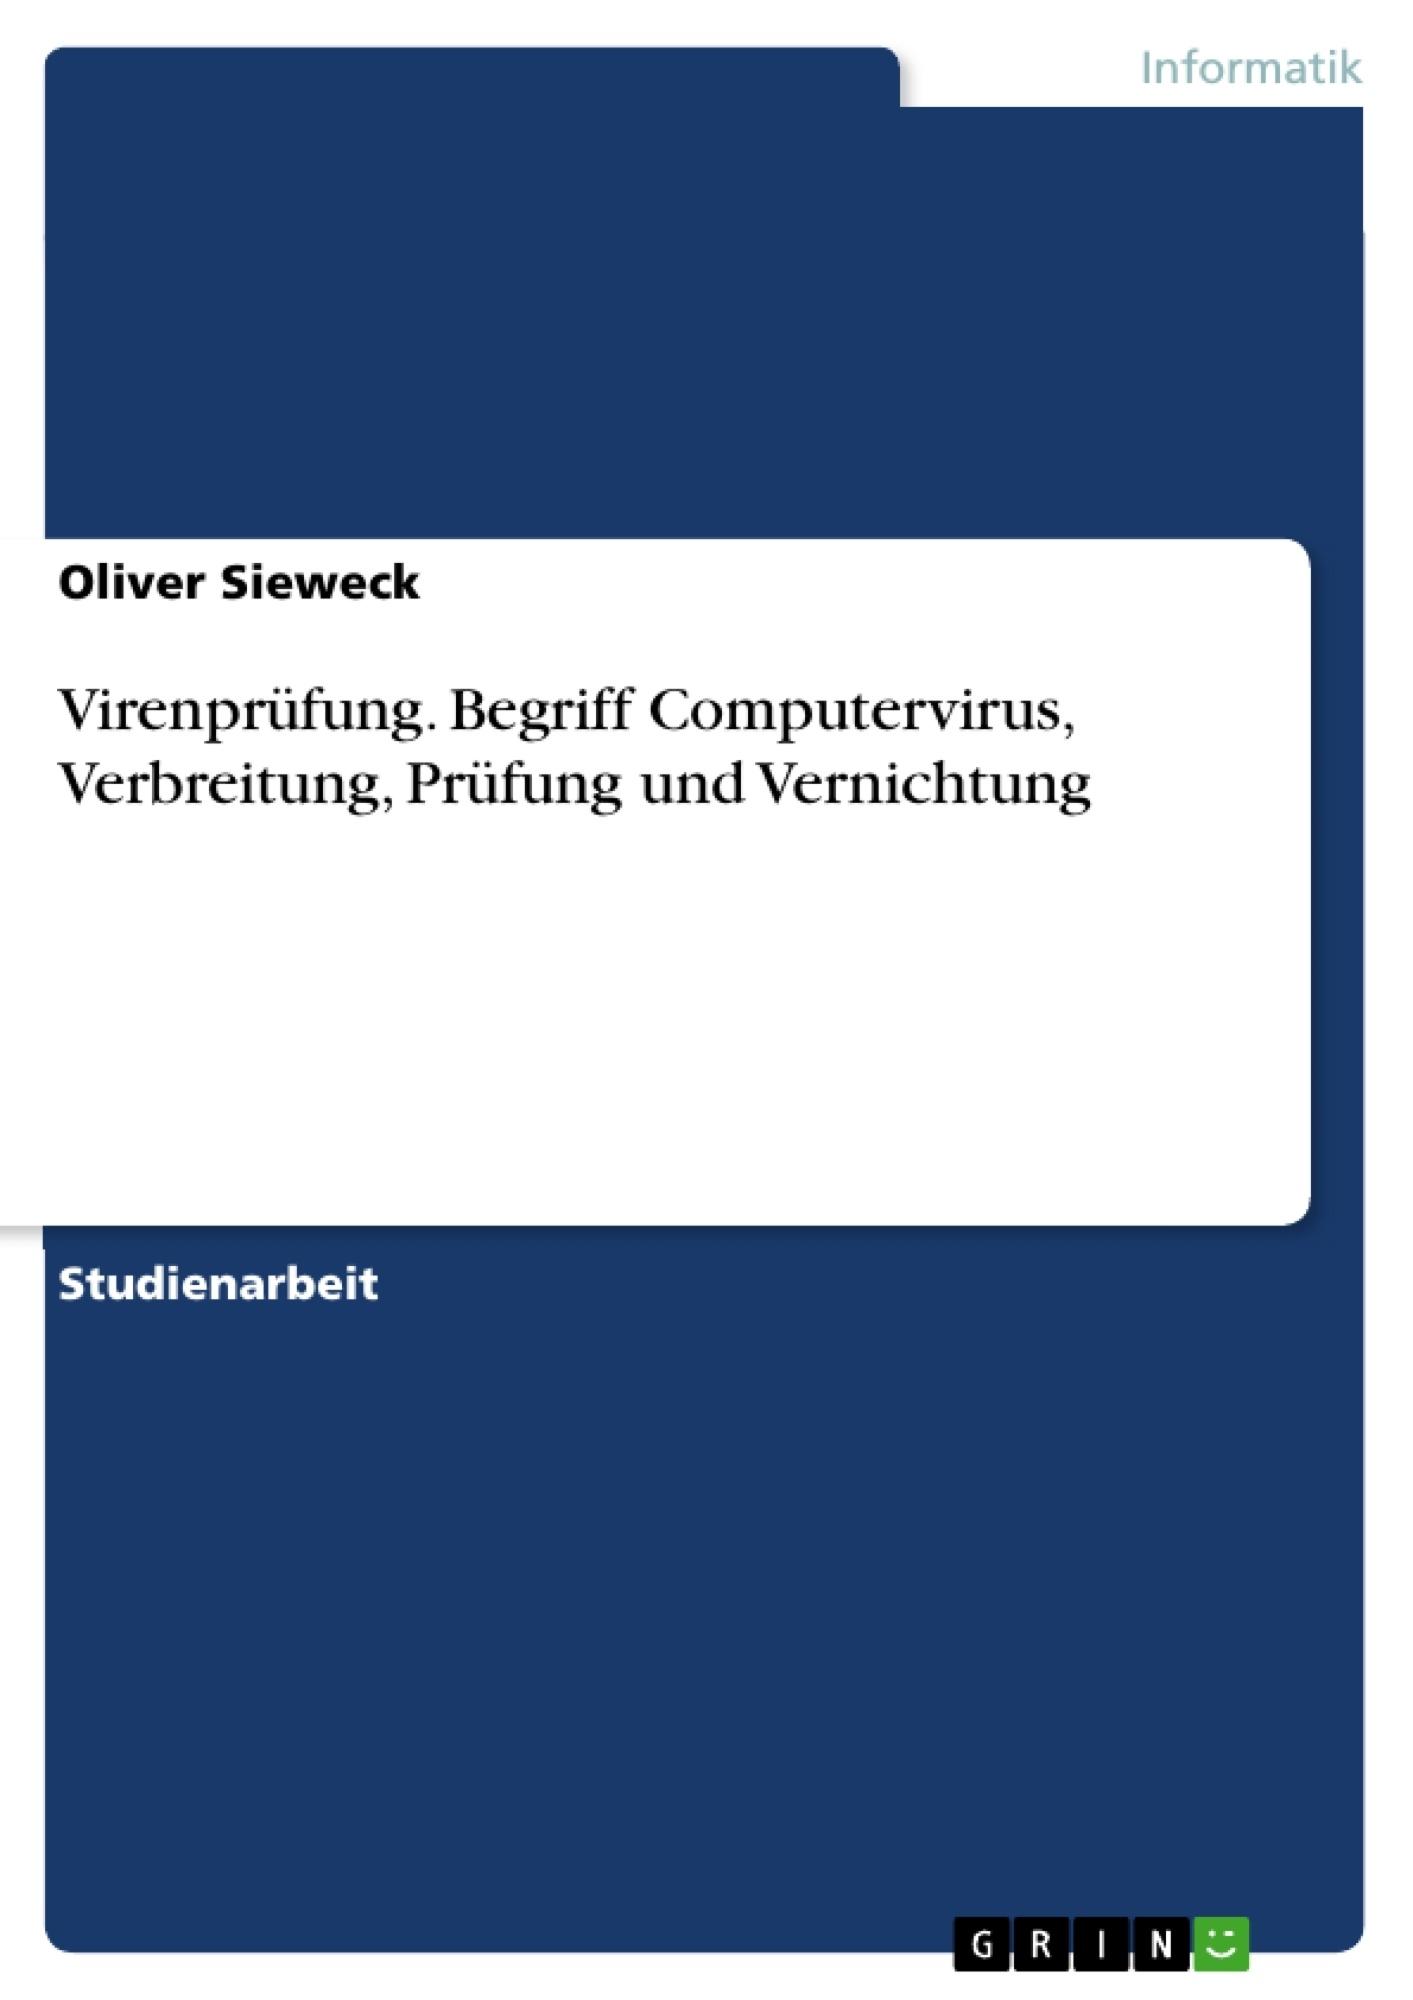 Titel: Virenprüfung. Begriff Computervirus, Verbreitung, Prüfung und Vernichtung